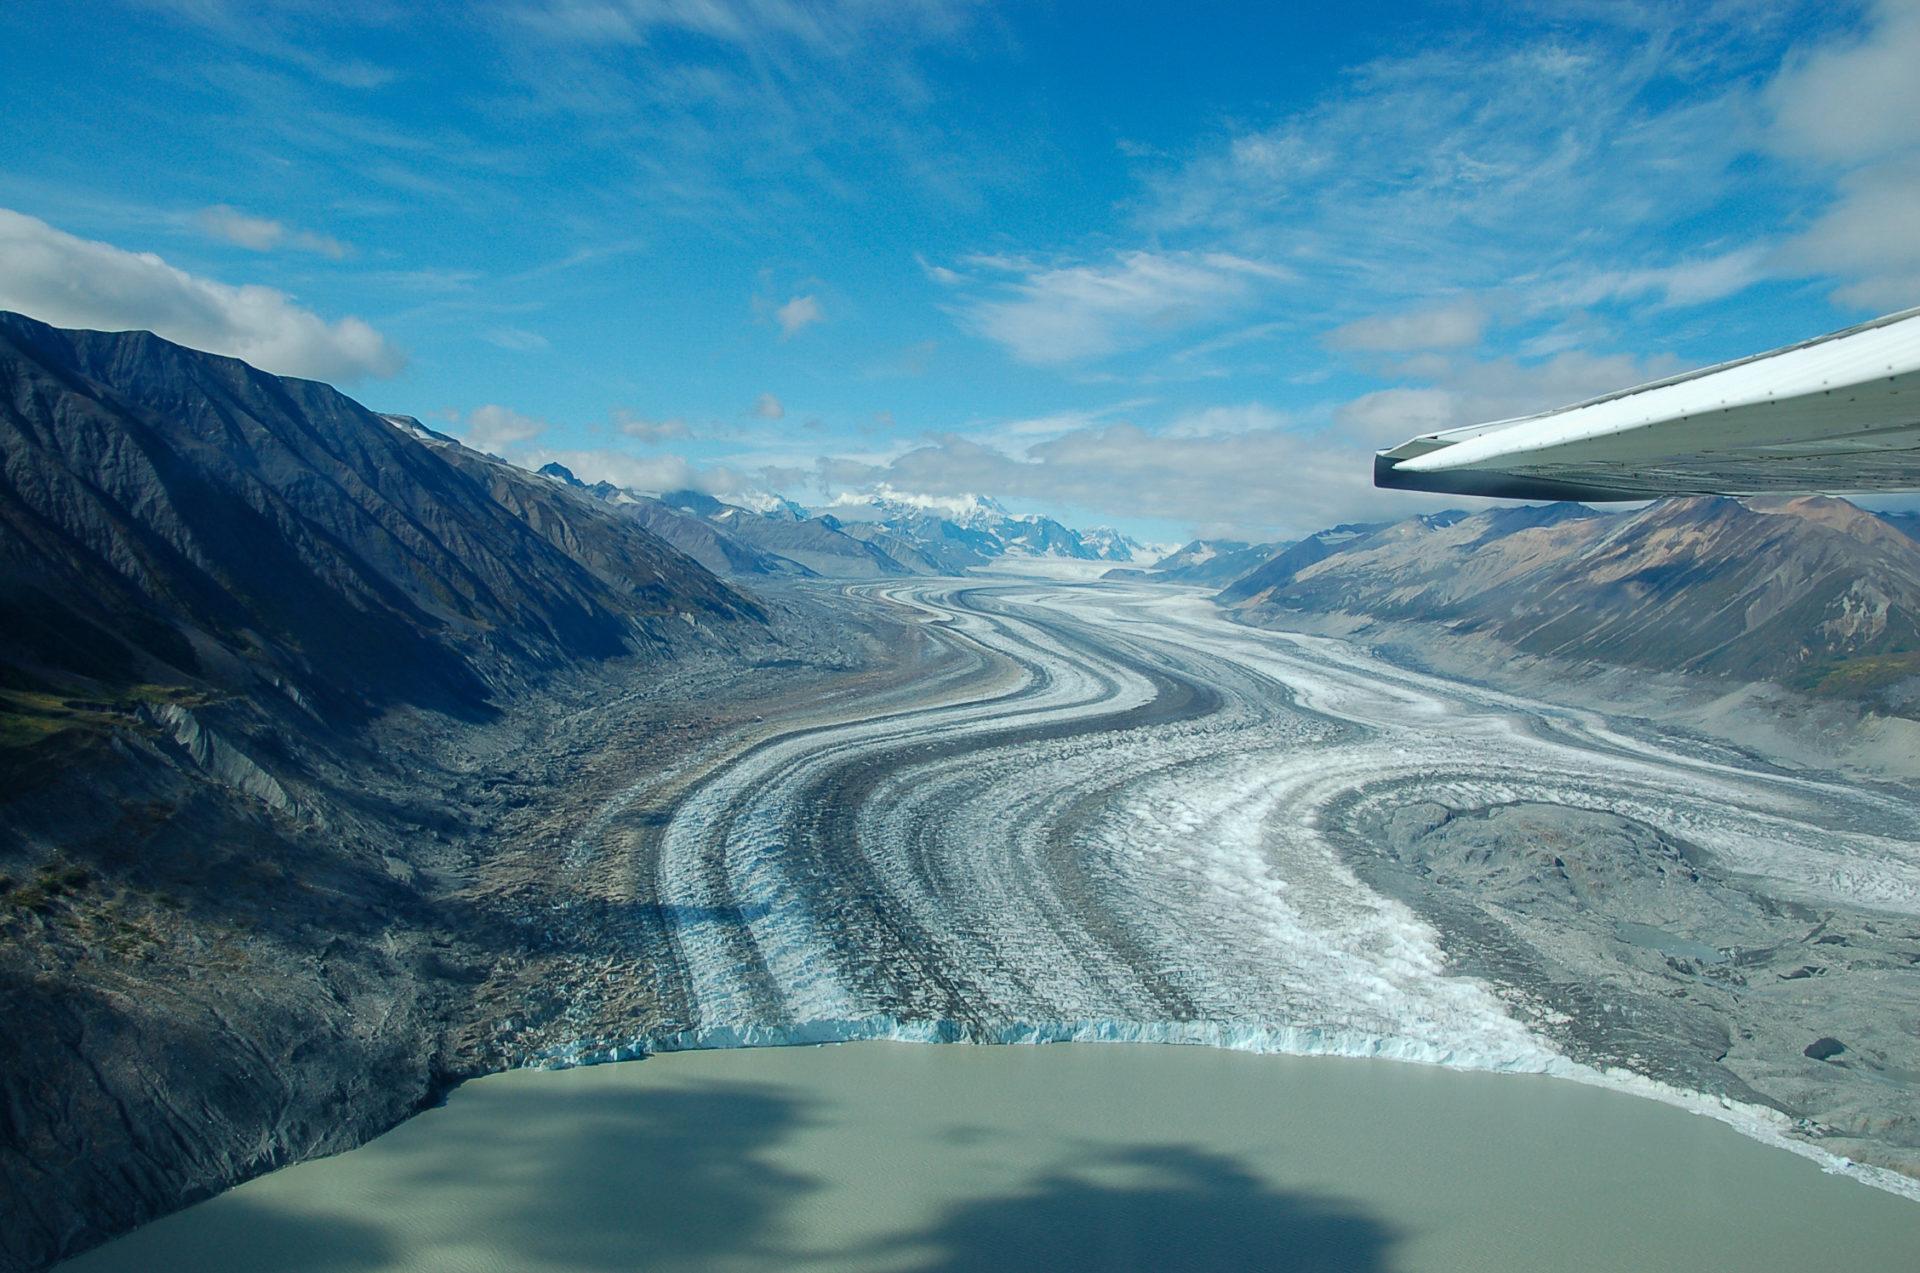 Spektakuläre Abbruchkante eines Gletschers mit See in Yukon